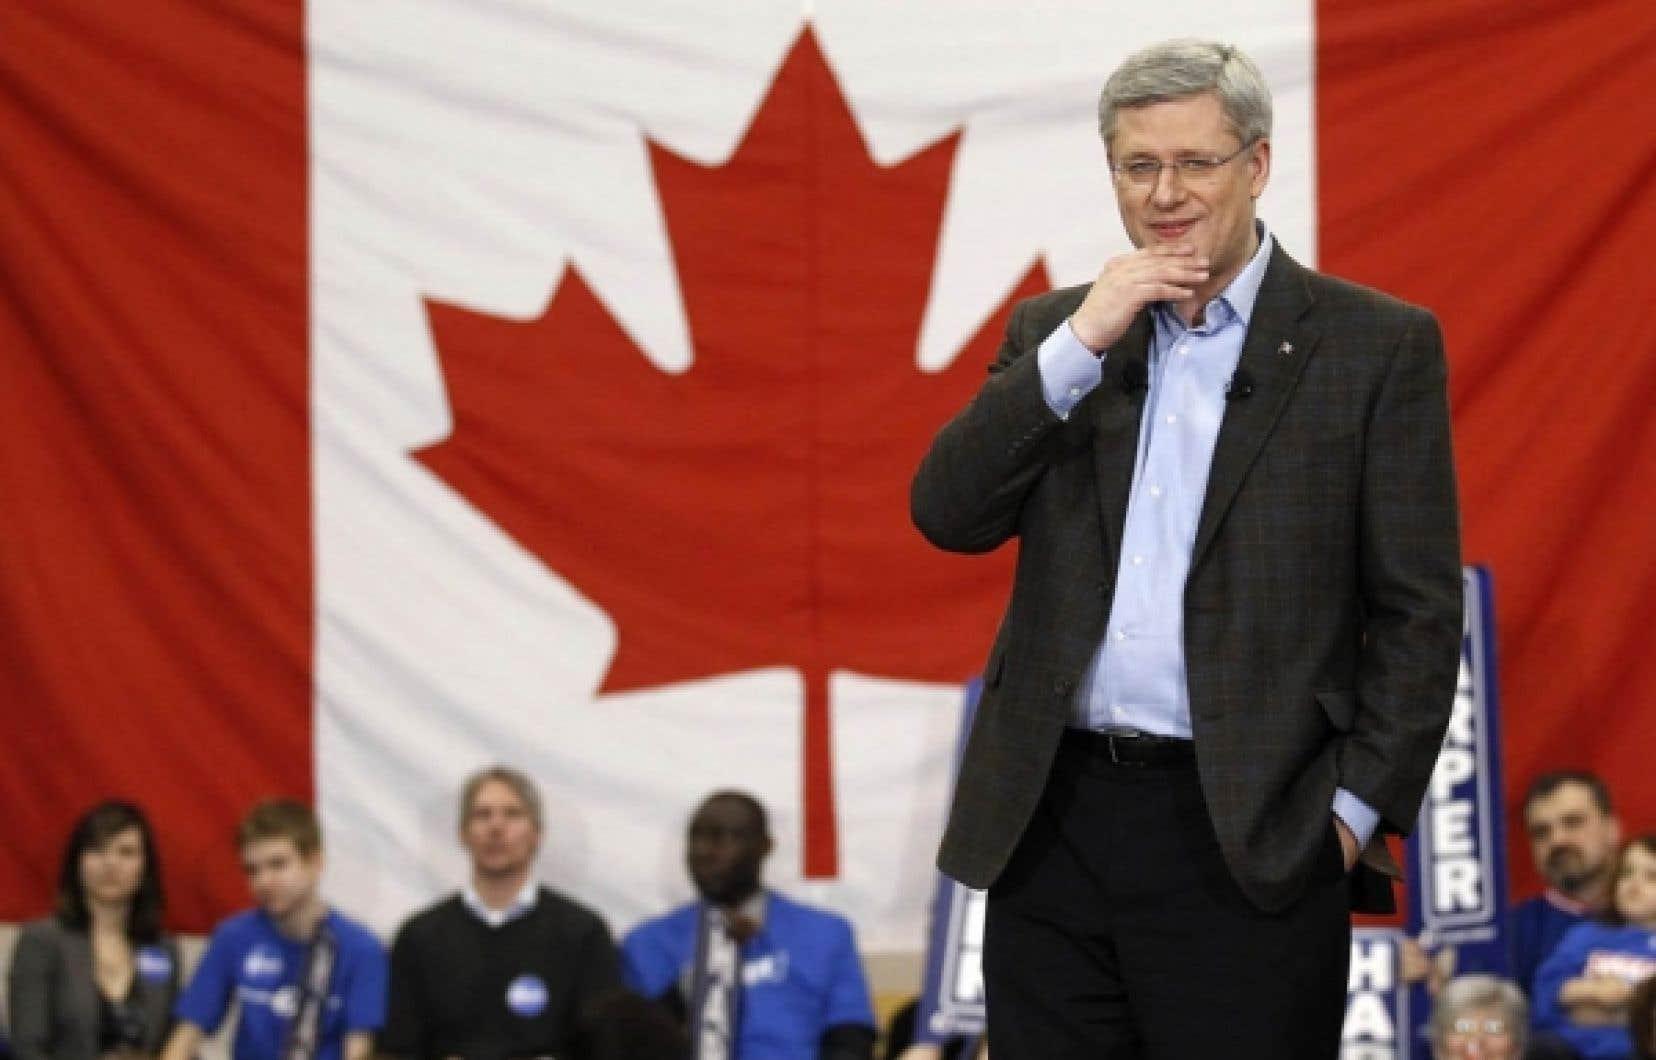 Le conservatisme économique et social qui caractérise le PCC nous fait craindre pour l'avenir de notre nation, écrit un collectif d'artistes québécois. Le Québec que nous aimons ne s'inscrit nullement dans la lignée où le gouvernement Harper veut nous amener.